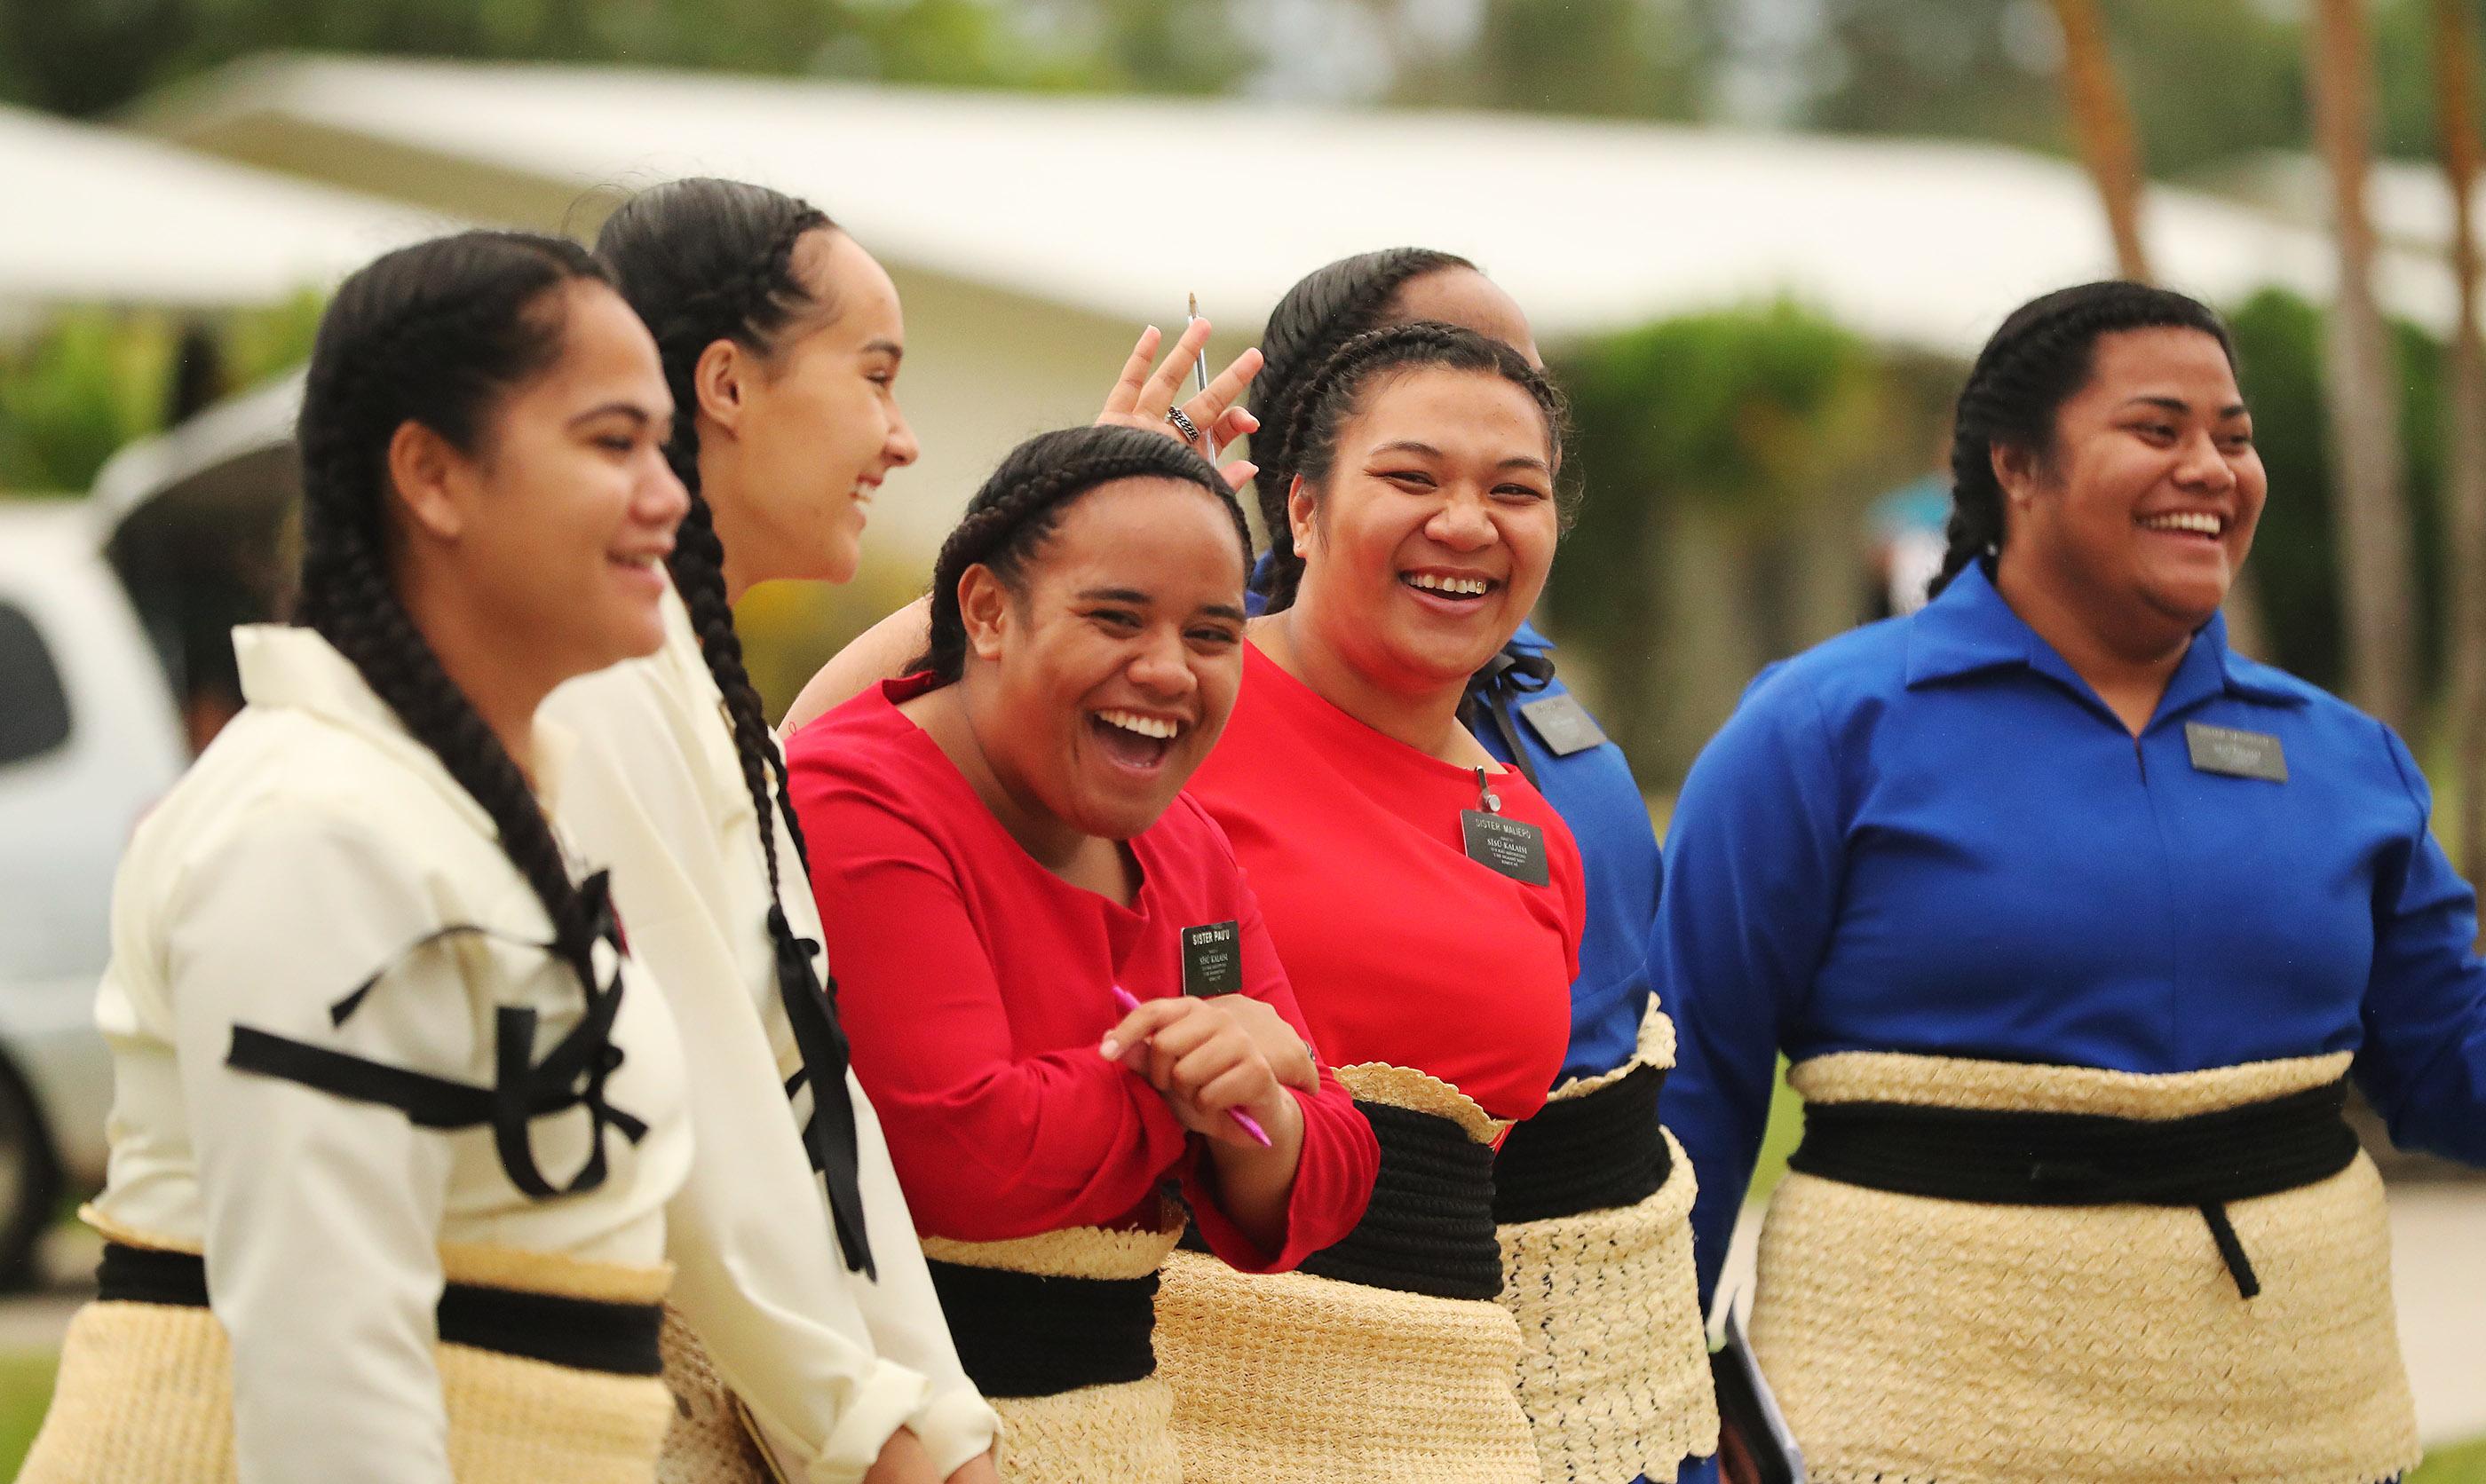 Os missionários esperam pelo presidente Russell M. Nelson, de A Igreja de Jesus Cristo dos Santos dos Últimos Dias, antes de um devocional em Tonga, em 23 de maio de 2019.